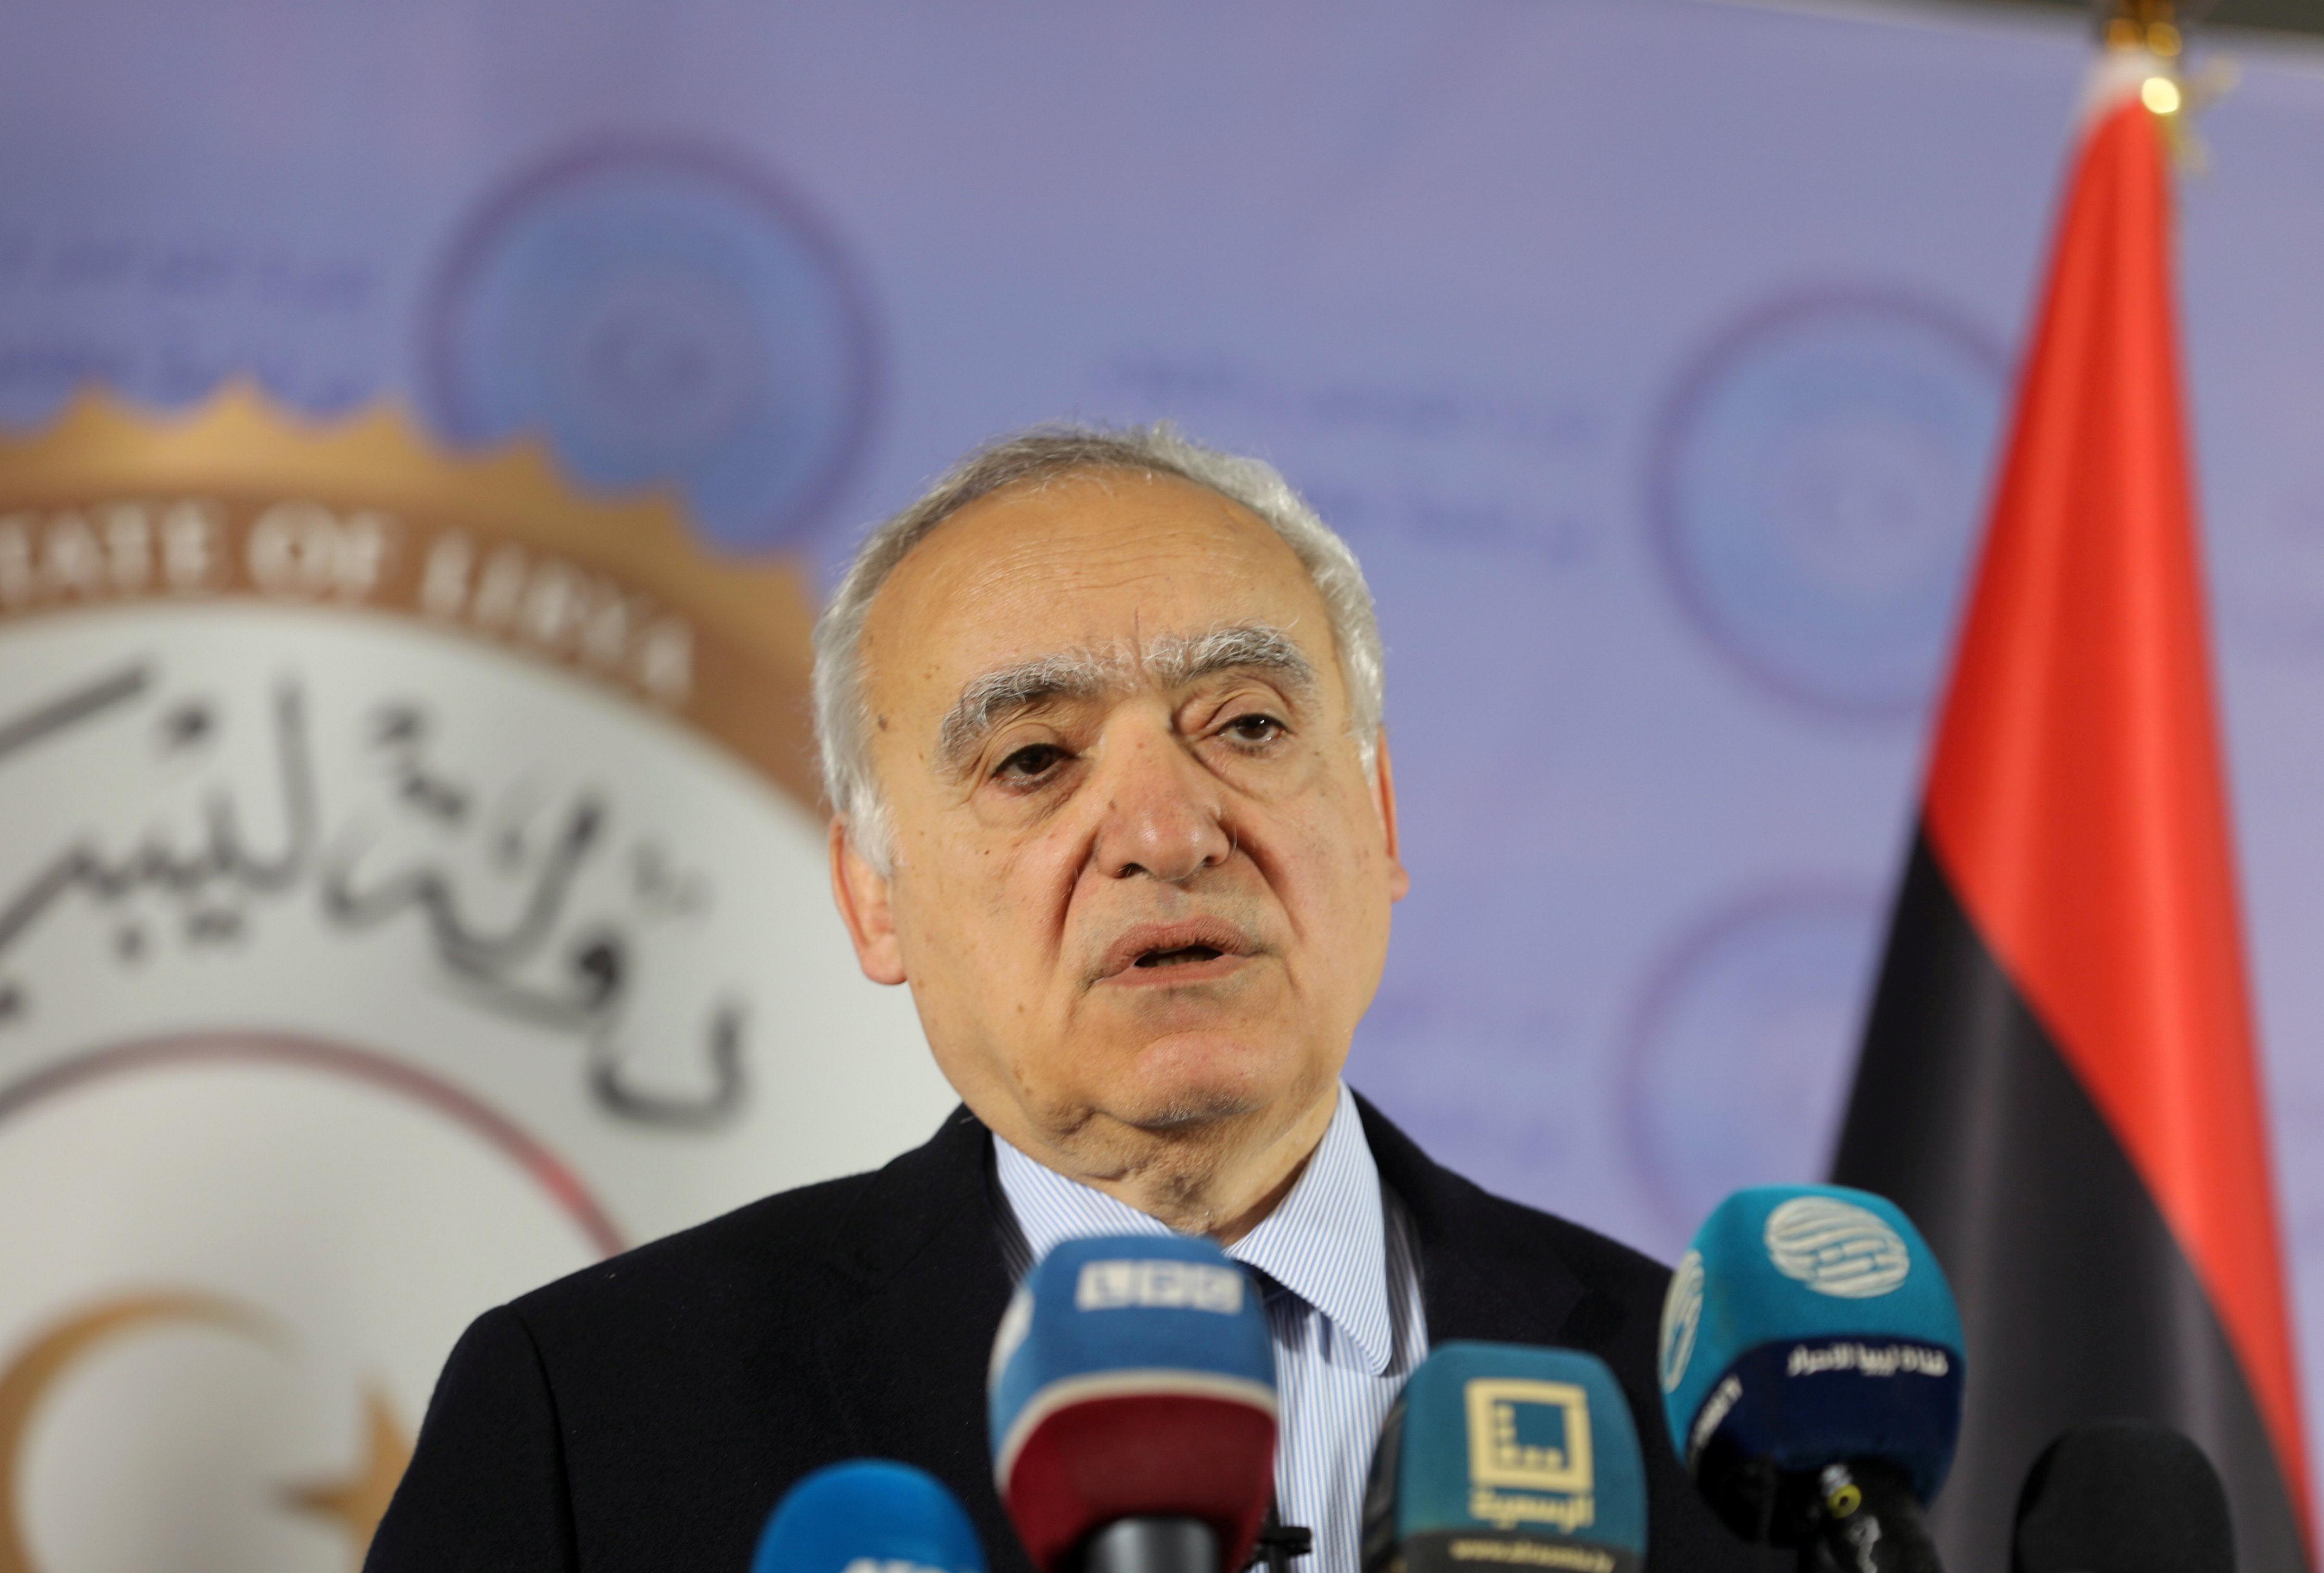 U.N. envoy pushes to stop 'blatant' embargo violations in Libya